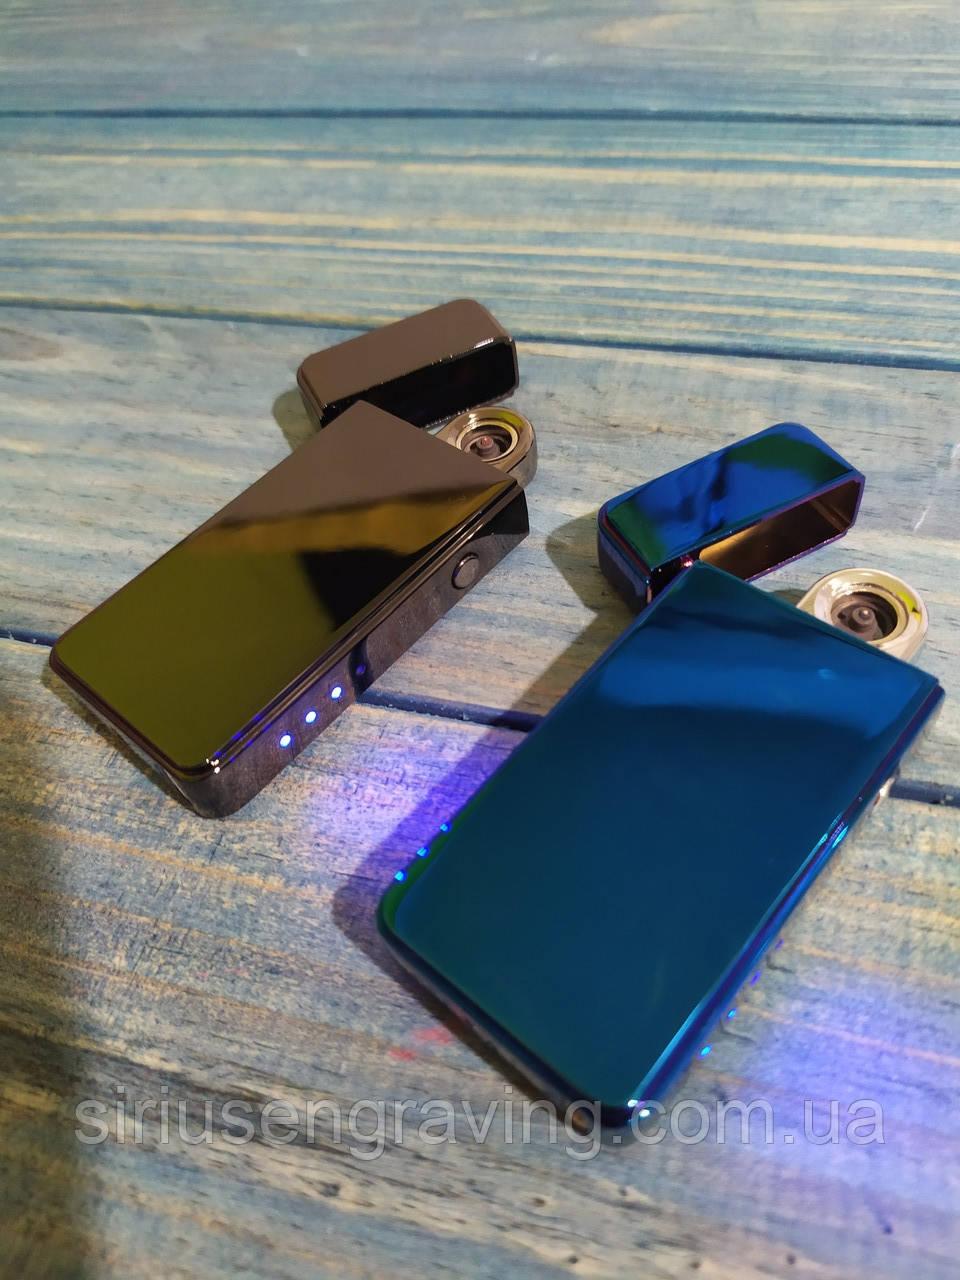 Подарочная USB - зажигалка с гравировкой на заказ.Синяя, черная.